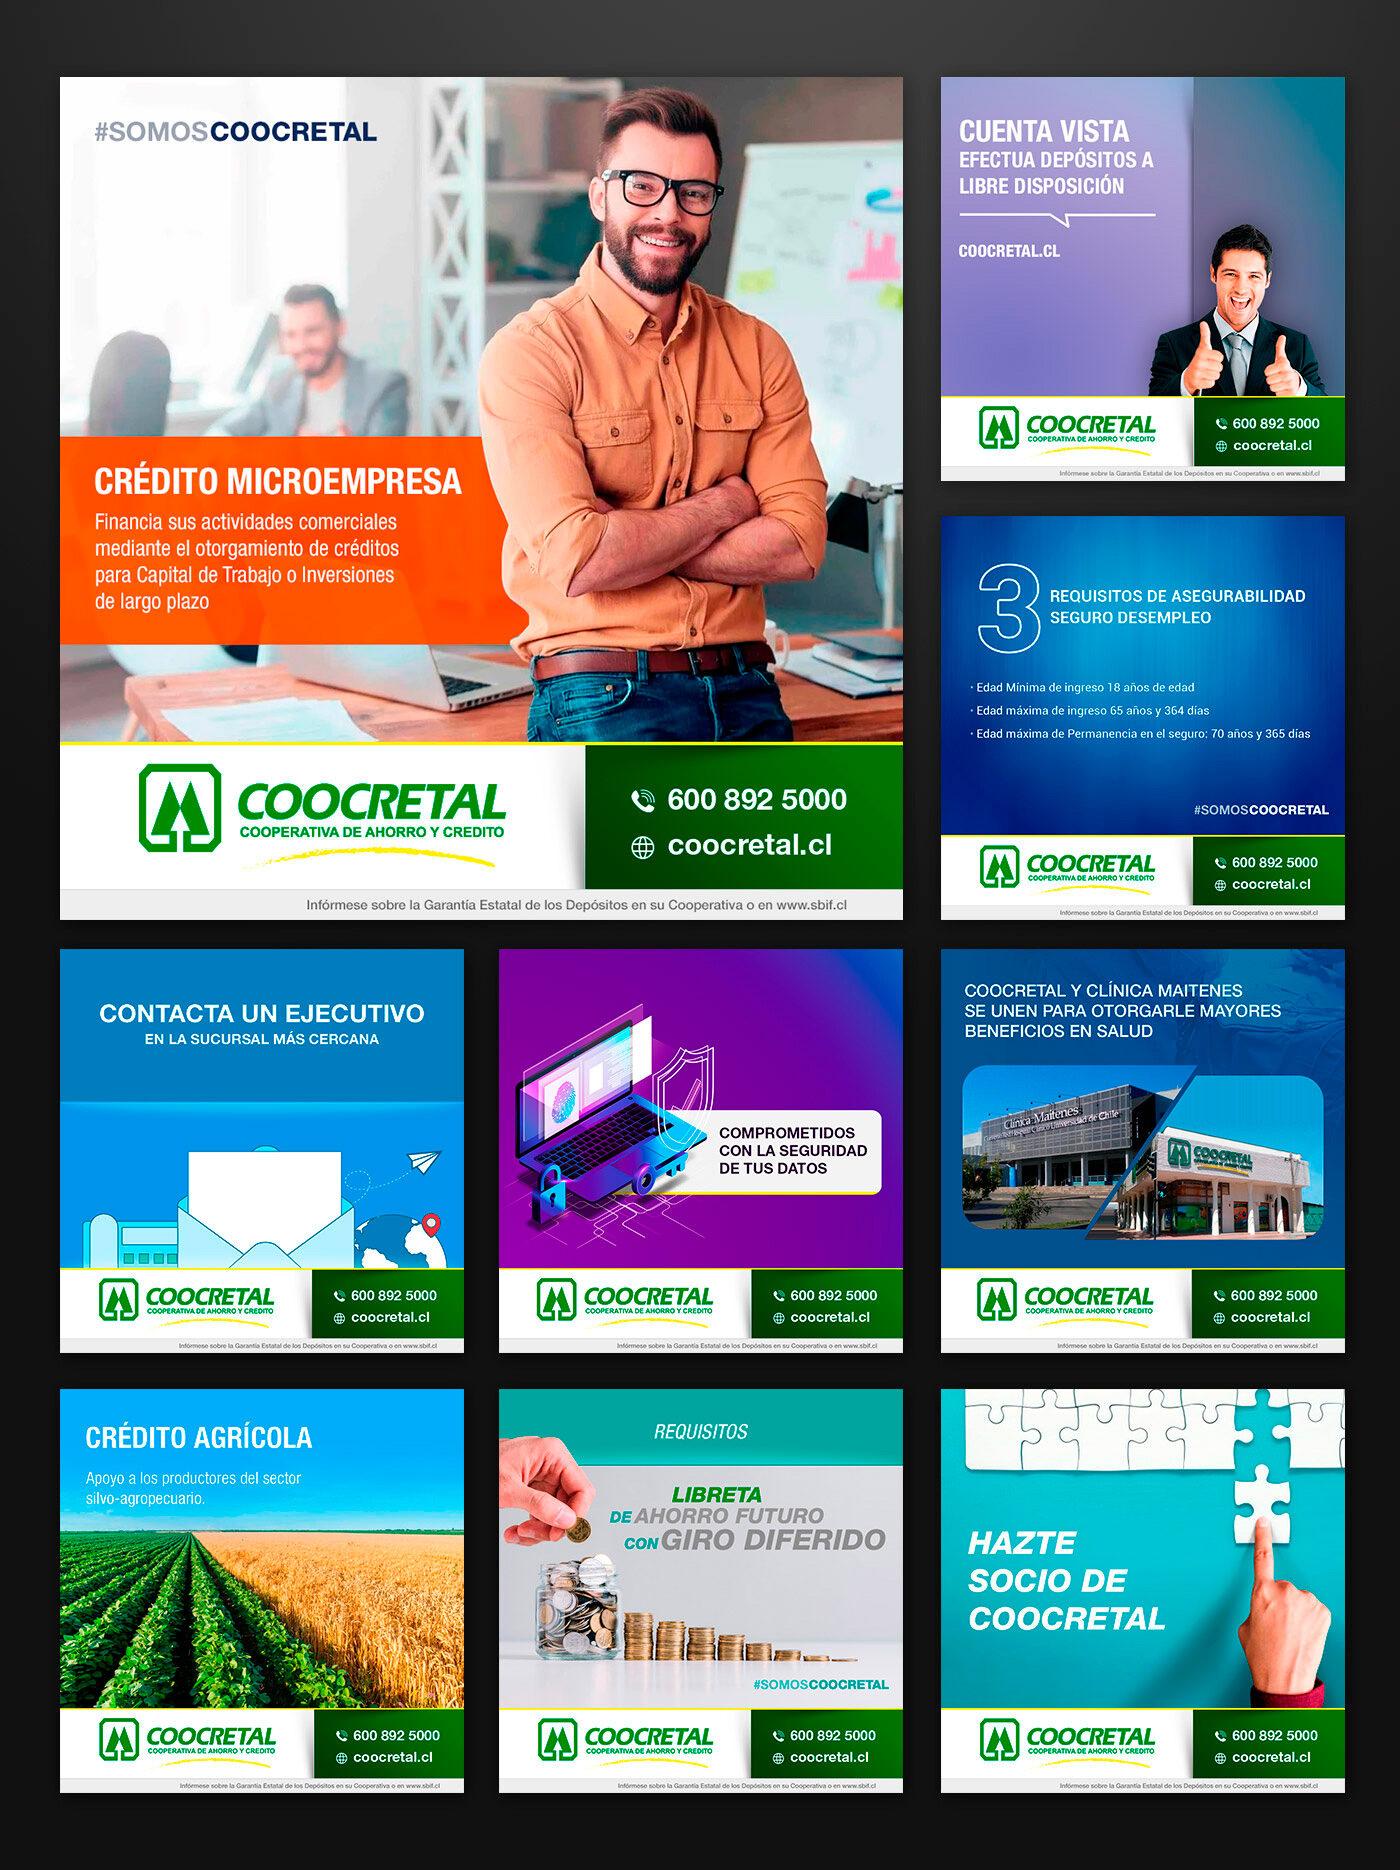 Gestión en Redes Sociales para Coocretal - Cooperativa de Ahorro y Crédito